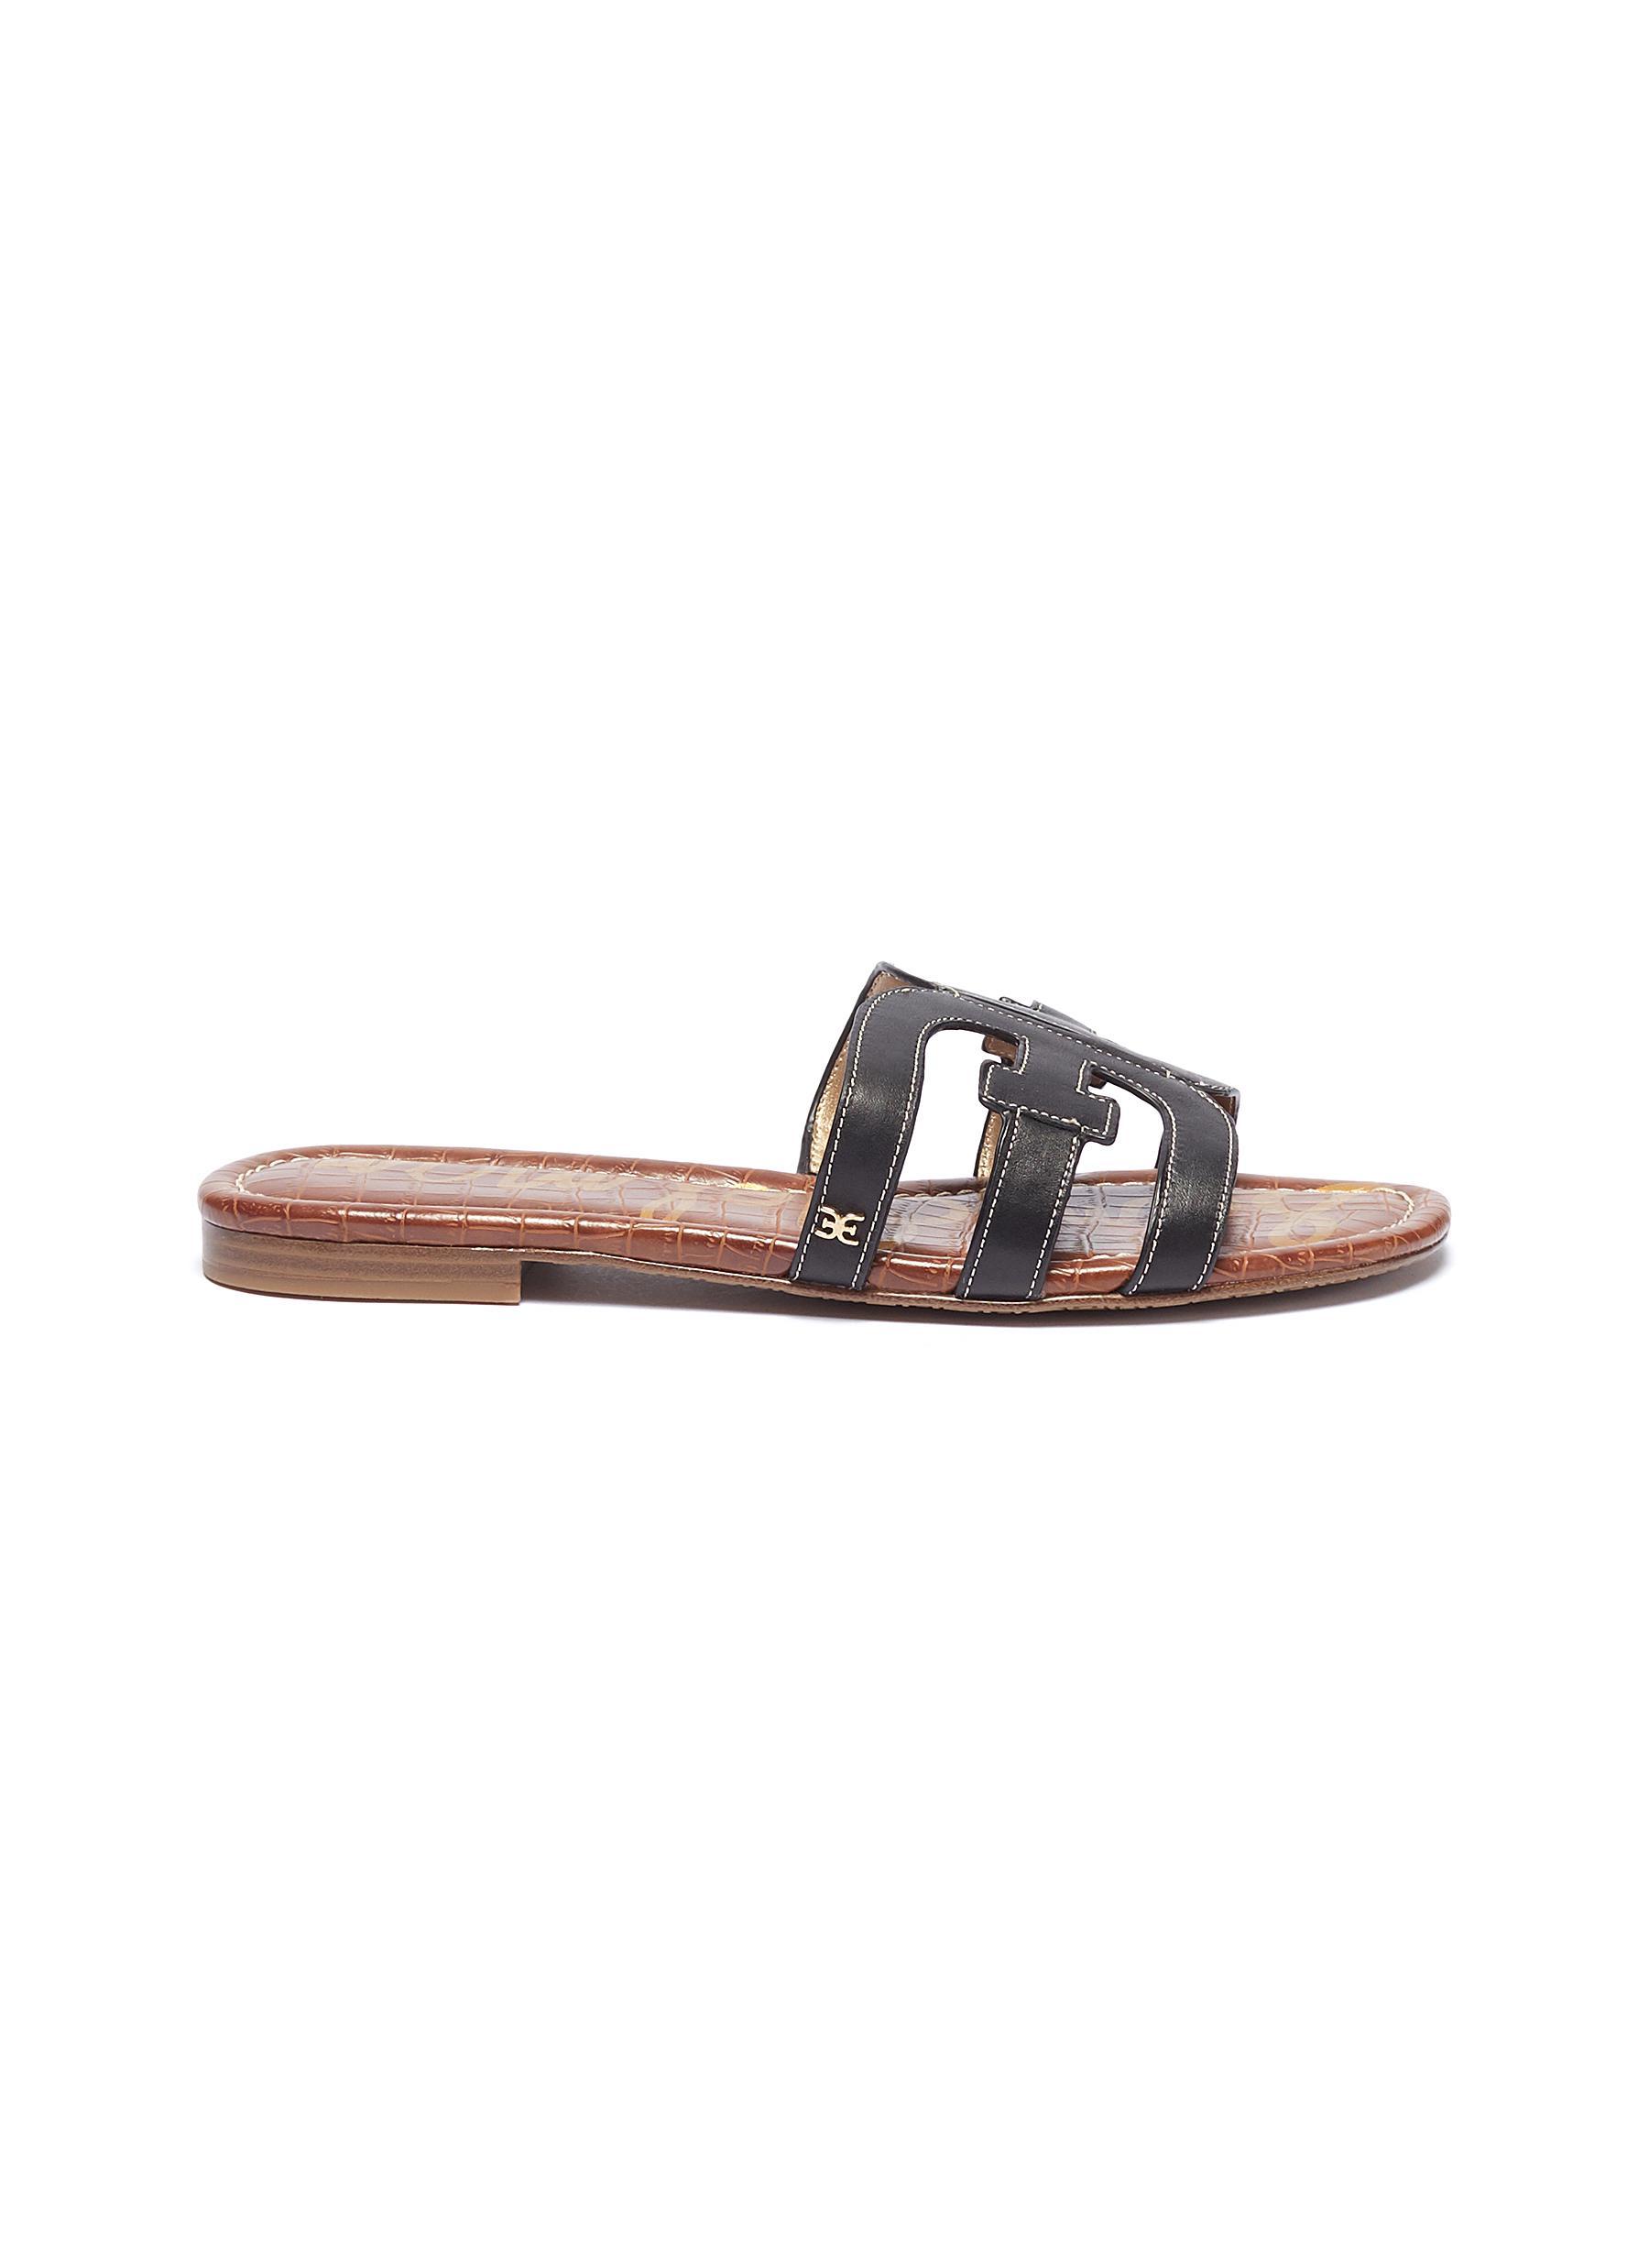 shop Sam Edelman 'Bay' leather slide sandals online